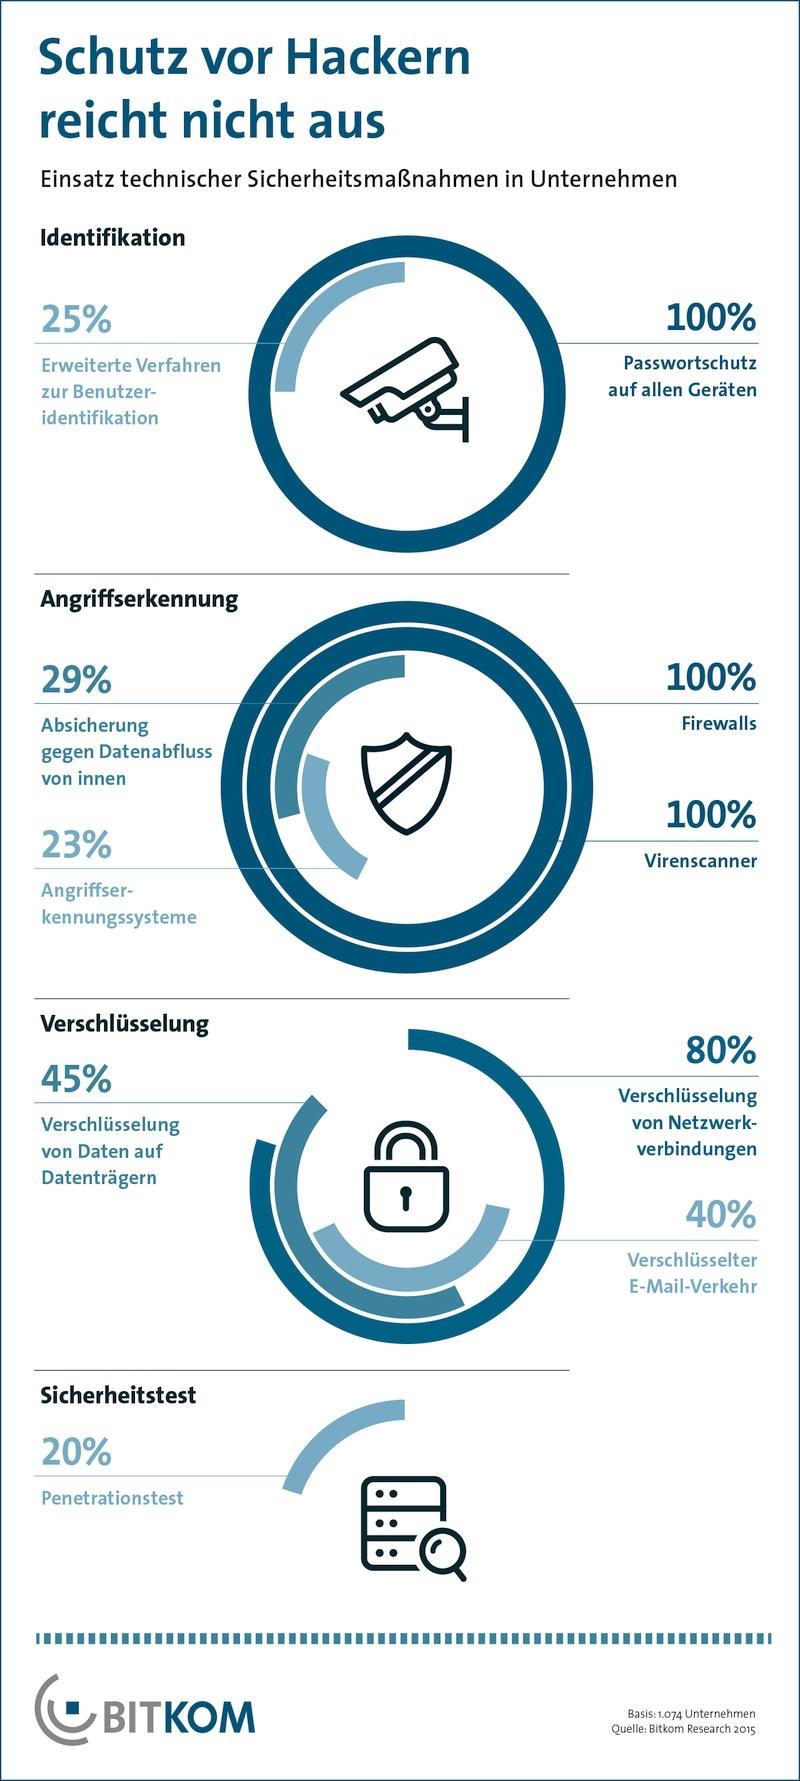 infografik bitkom it-sicherheit schutz hacker